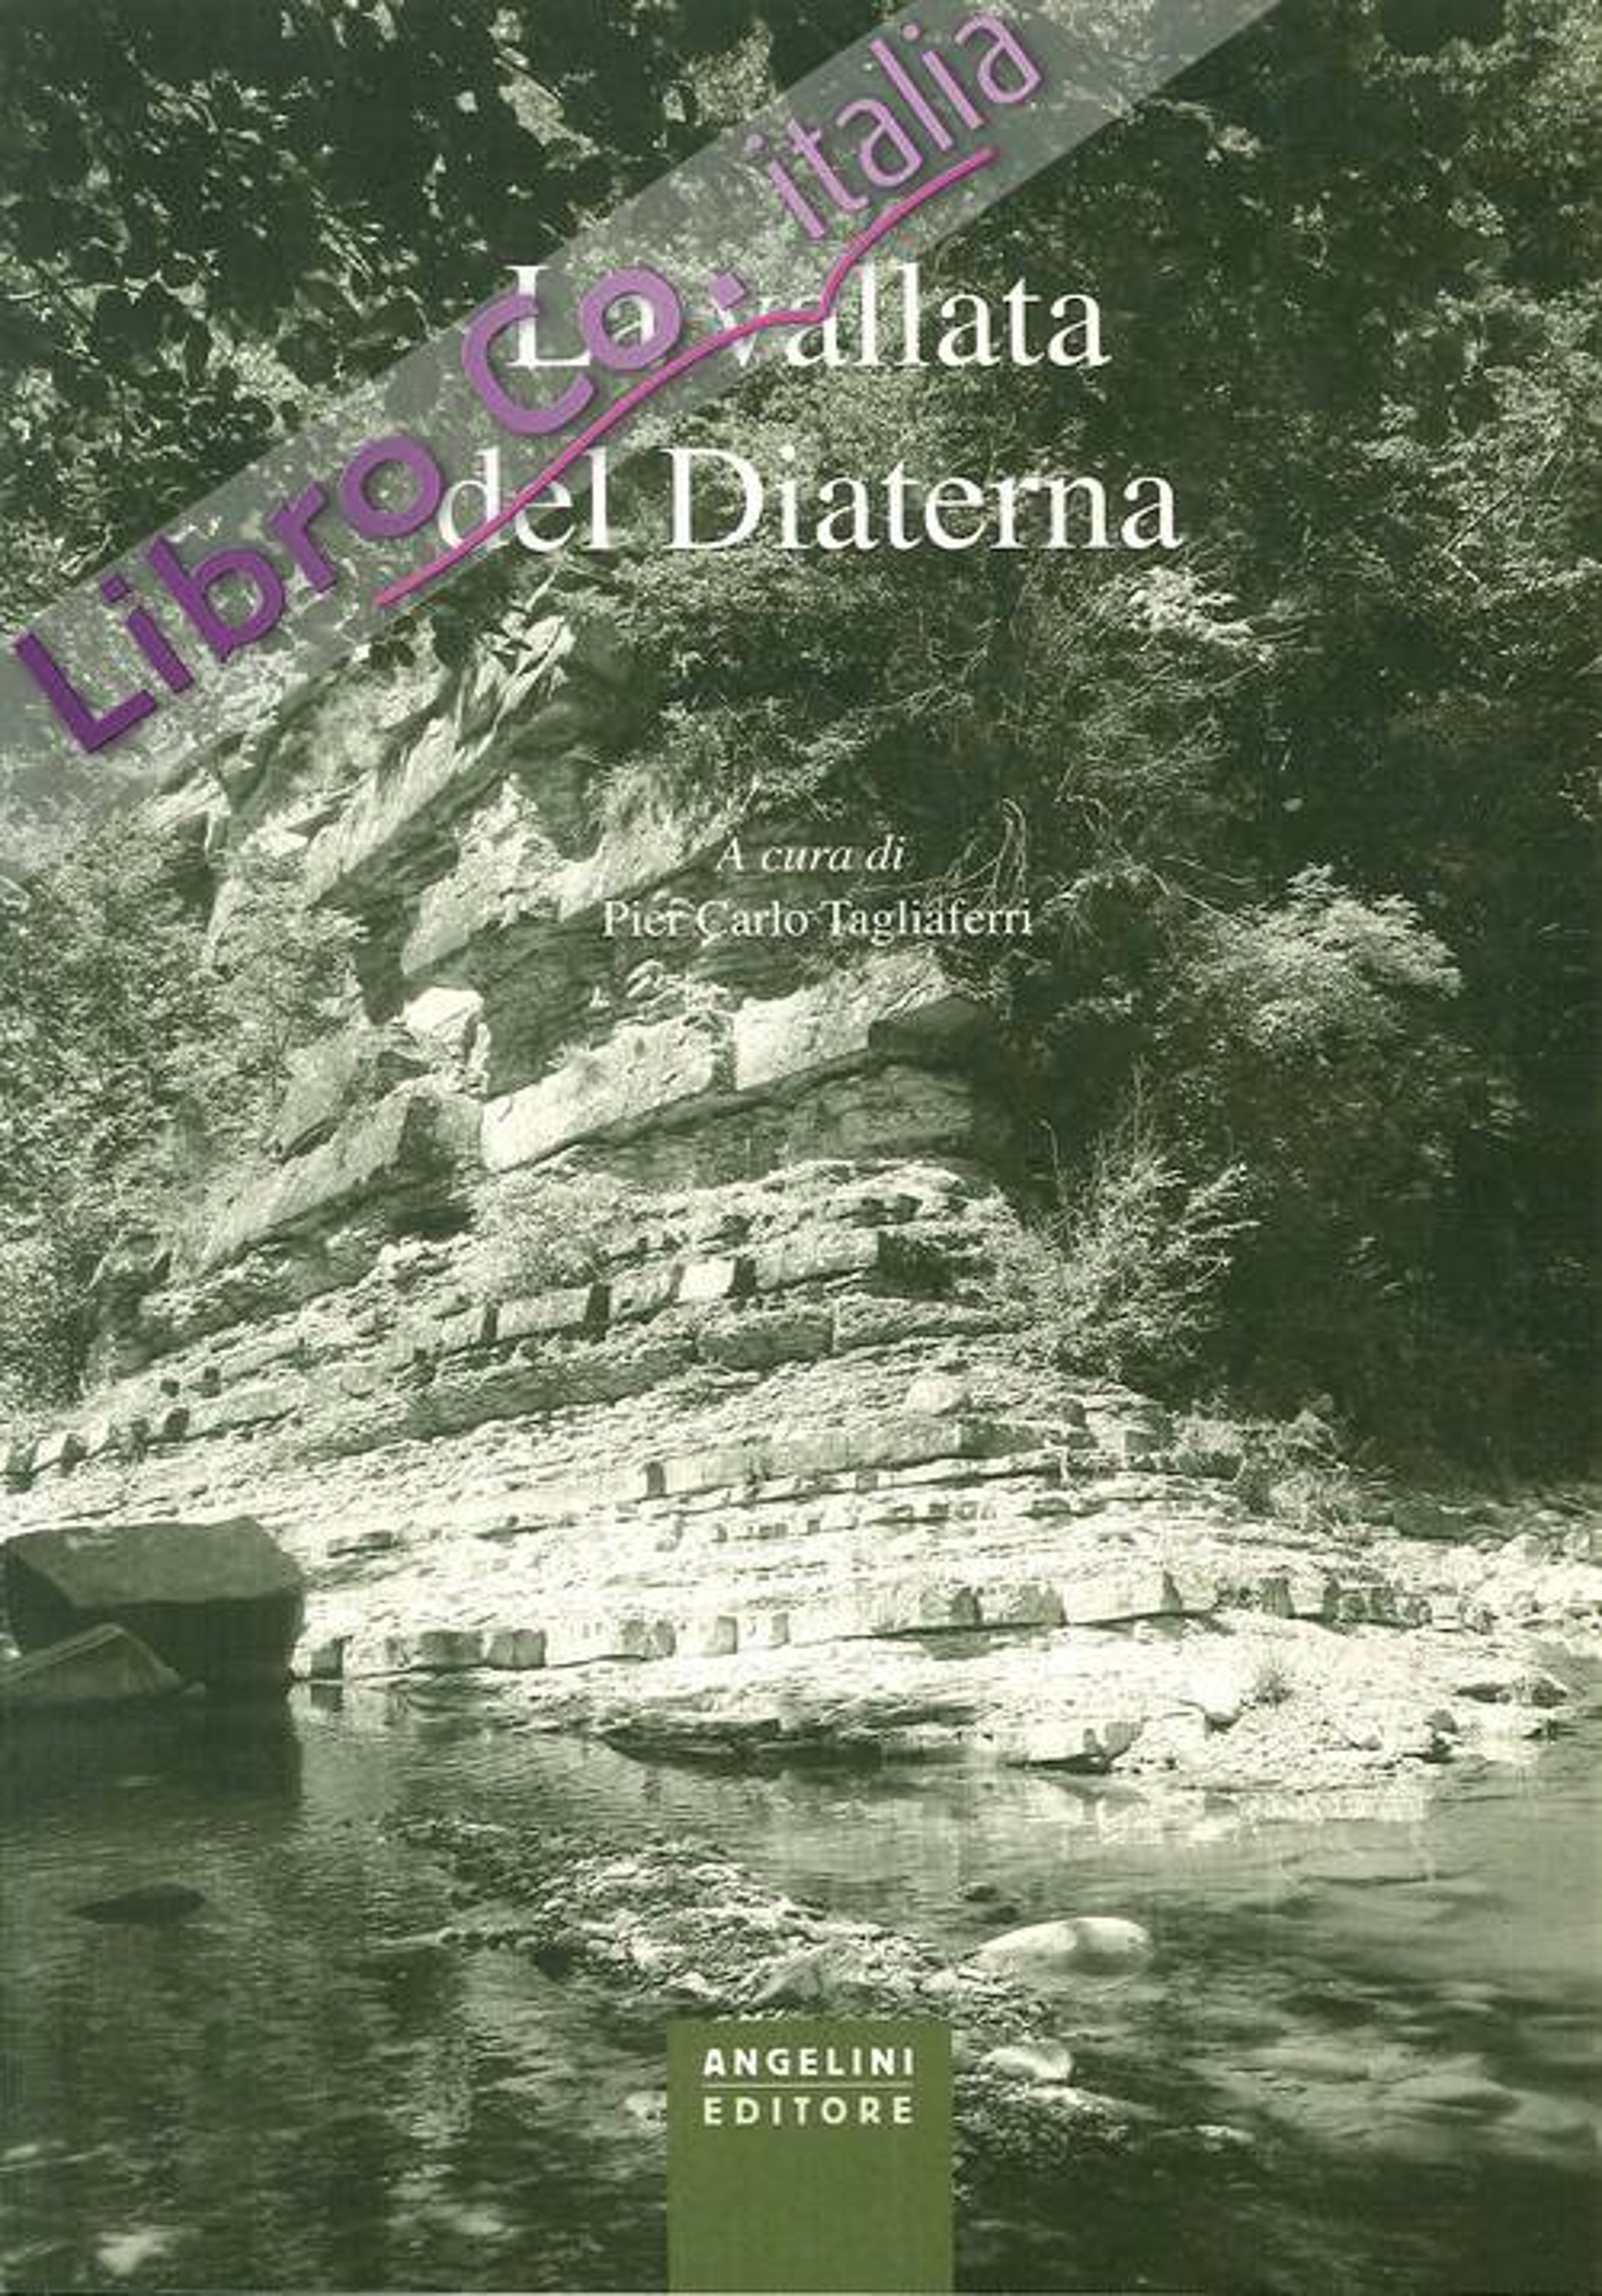 La vallata del Diaterna. Bordignano - Caburaccia - Castelvecchio - Visignano.